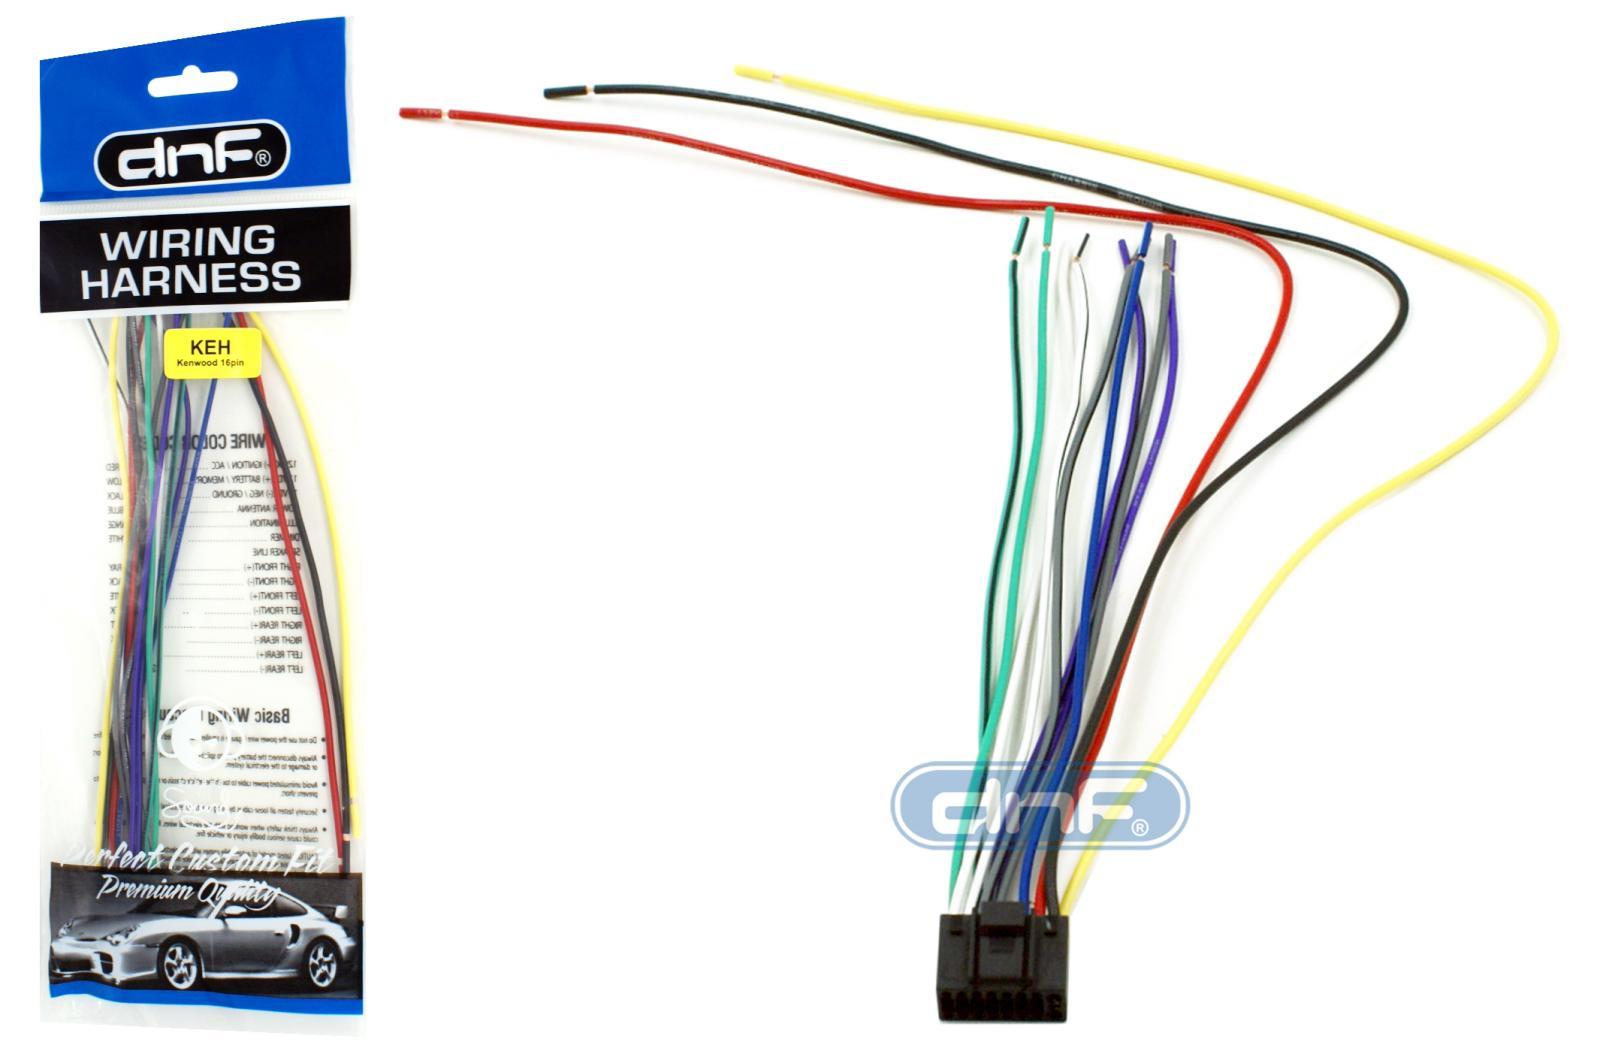 kenwood wiring harness 16 pin kdc mp435u kdc mp438u kdc mp442u rh ebay com Wiring-Diagram Kenwood KDC MP205 Kenwood KDC MP208 Wiring-Diagram